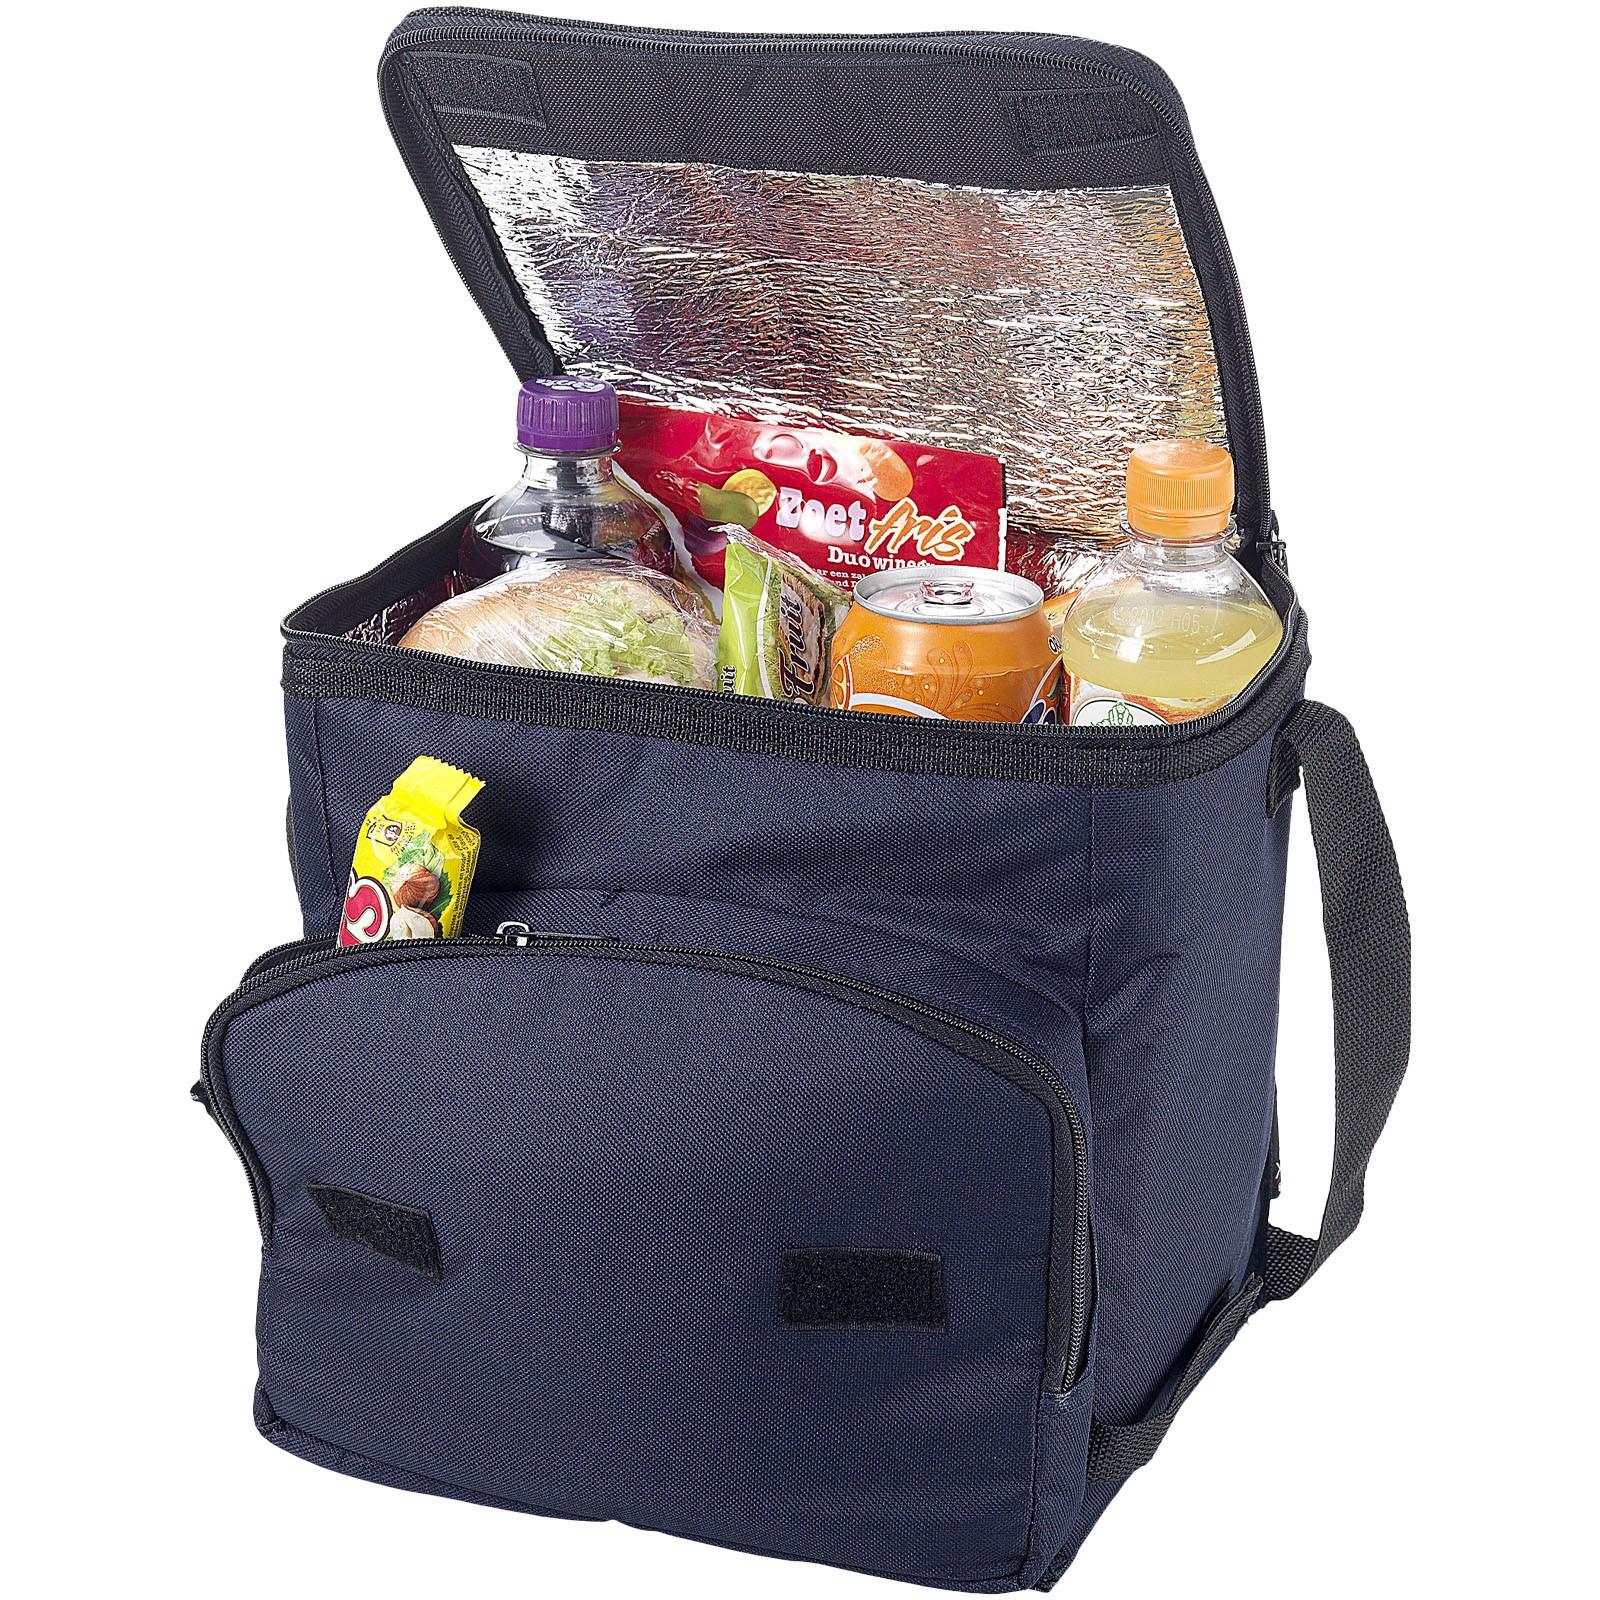 Stockholm foldable cooler bag - Navy